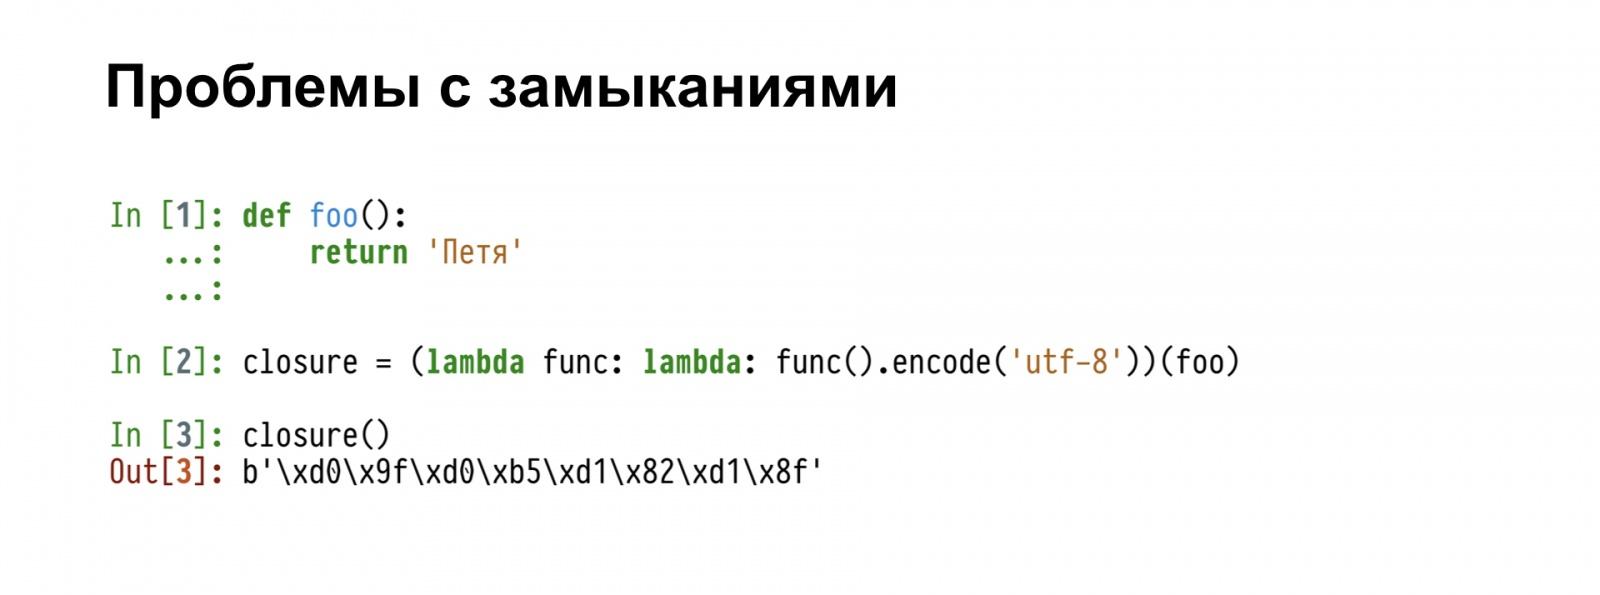 Бесполезный REPL. Доклад Яндекса - 7